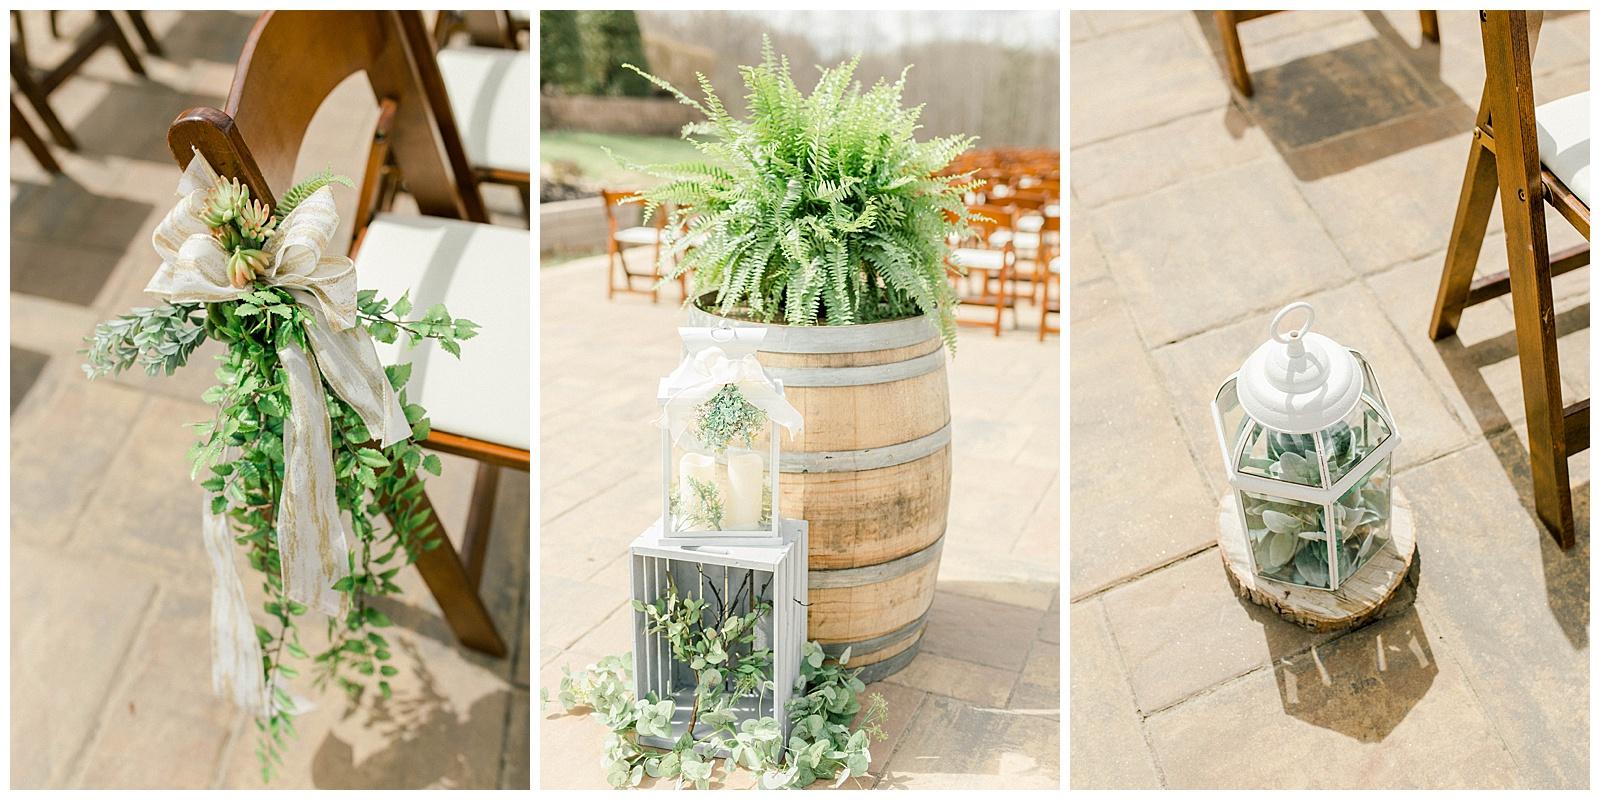 Lewis-Kara-Blakeman-Photography-Huntington-West-Virginia-Wedding-Barn-Olde-Homestead-2